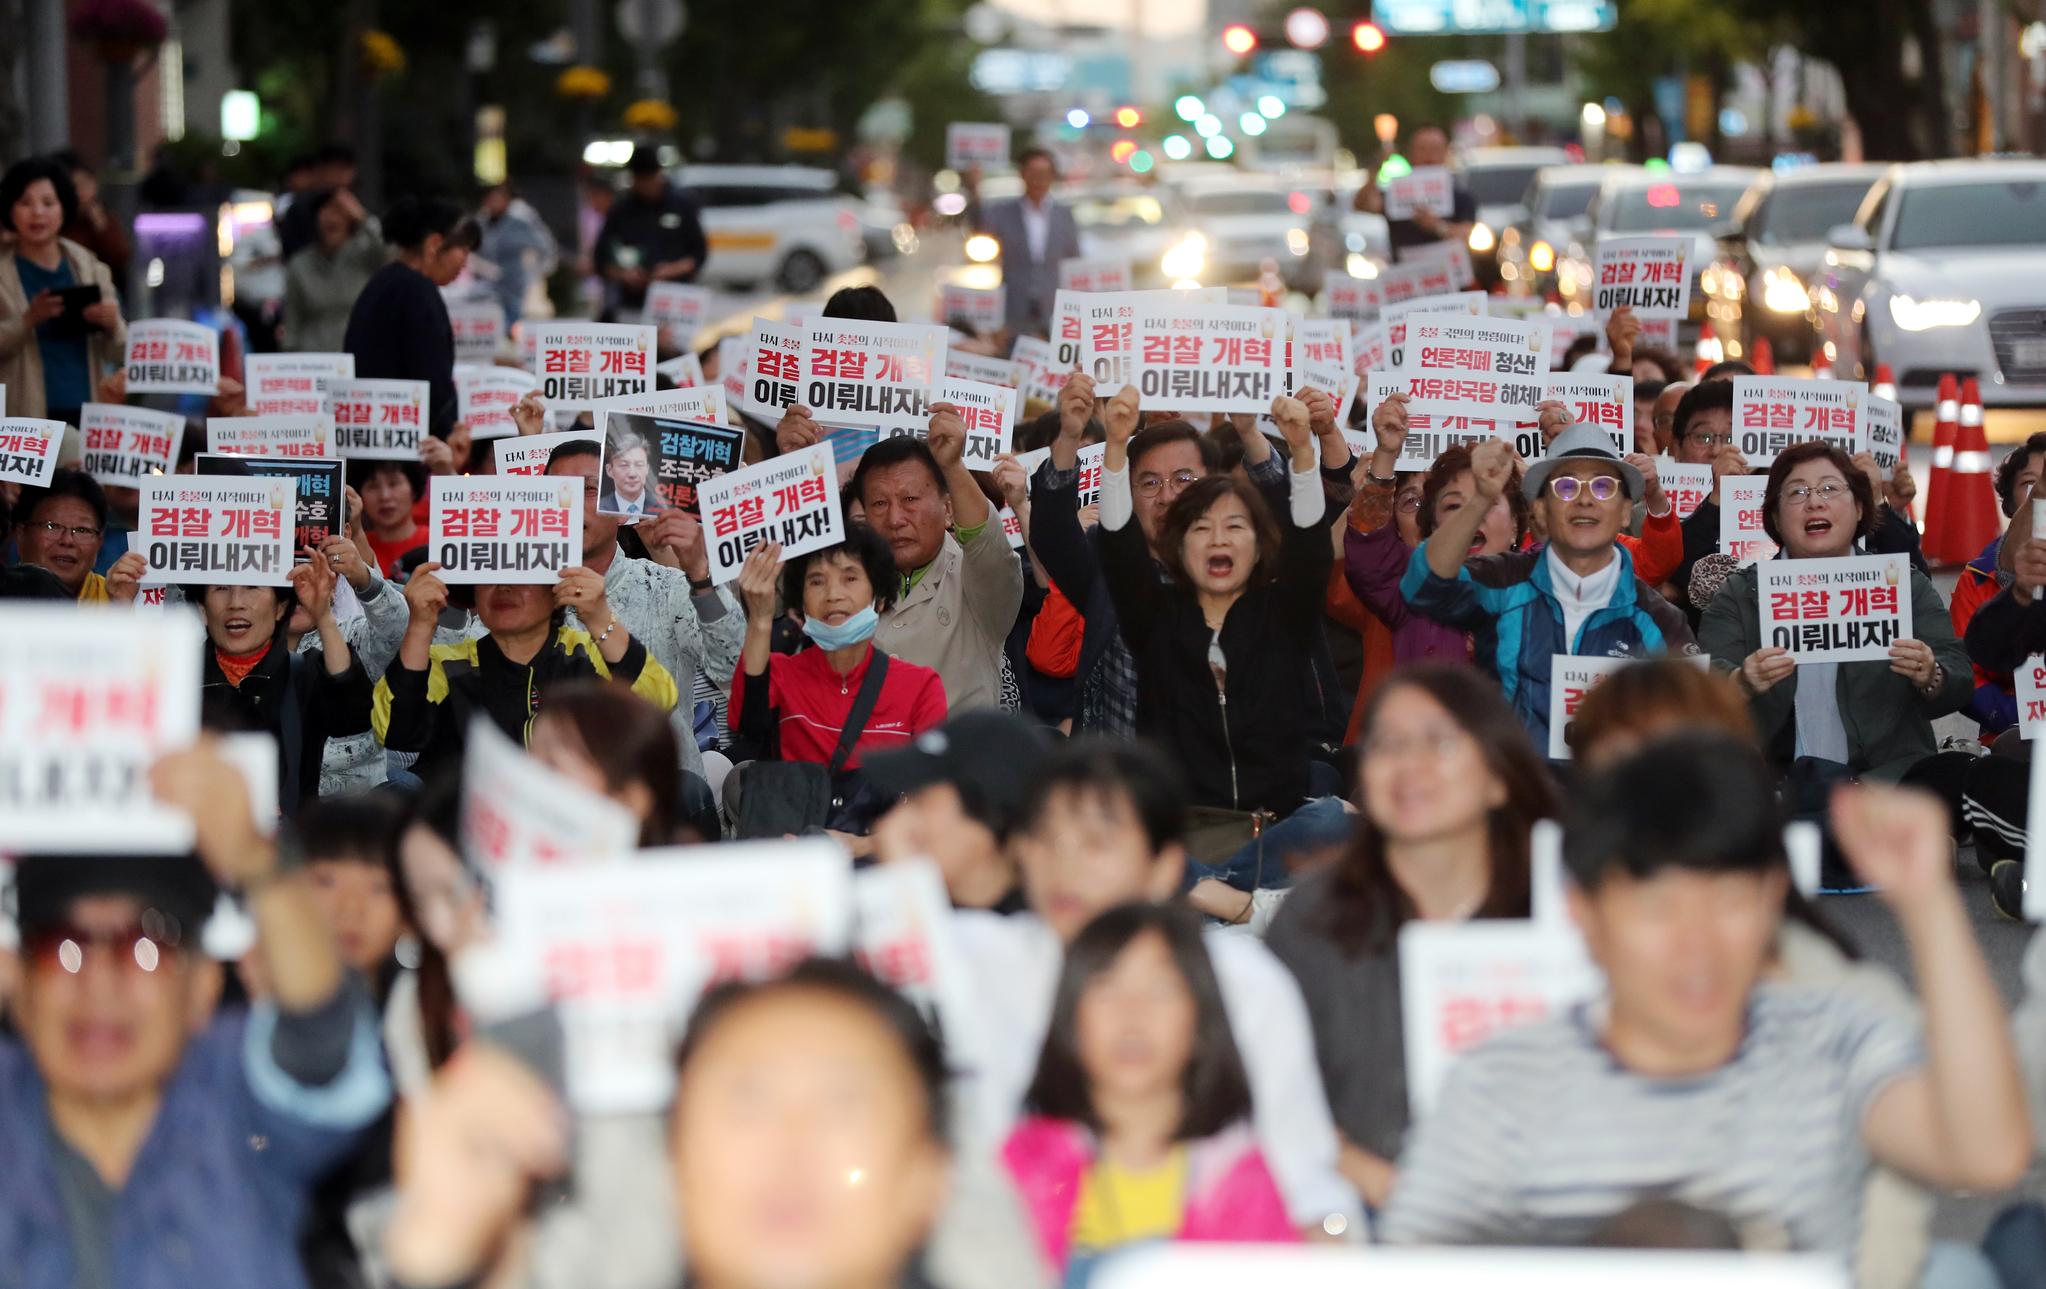 12일 오후 광주 동구 금남로 거리에서 검찰 개혁과 적폐 청산을 촉구하는 촛불집회가 열려 시민들이 구호를 외치고 있다. [연합뉴스]